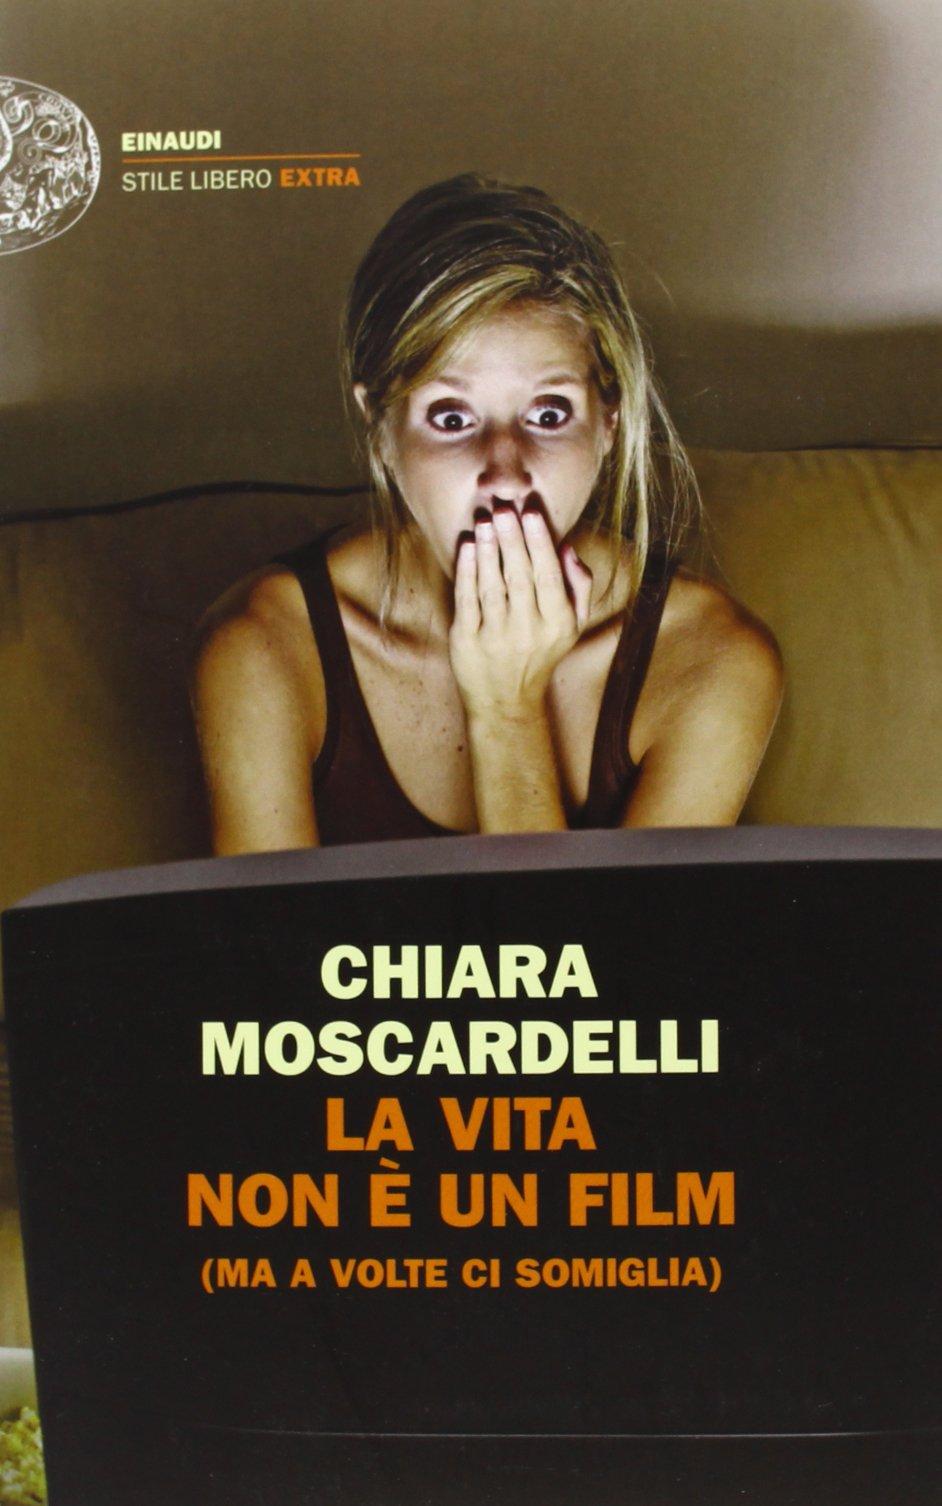 La vita non è un film